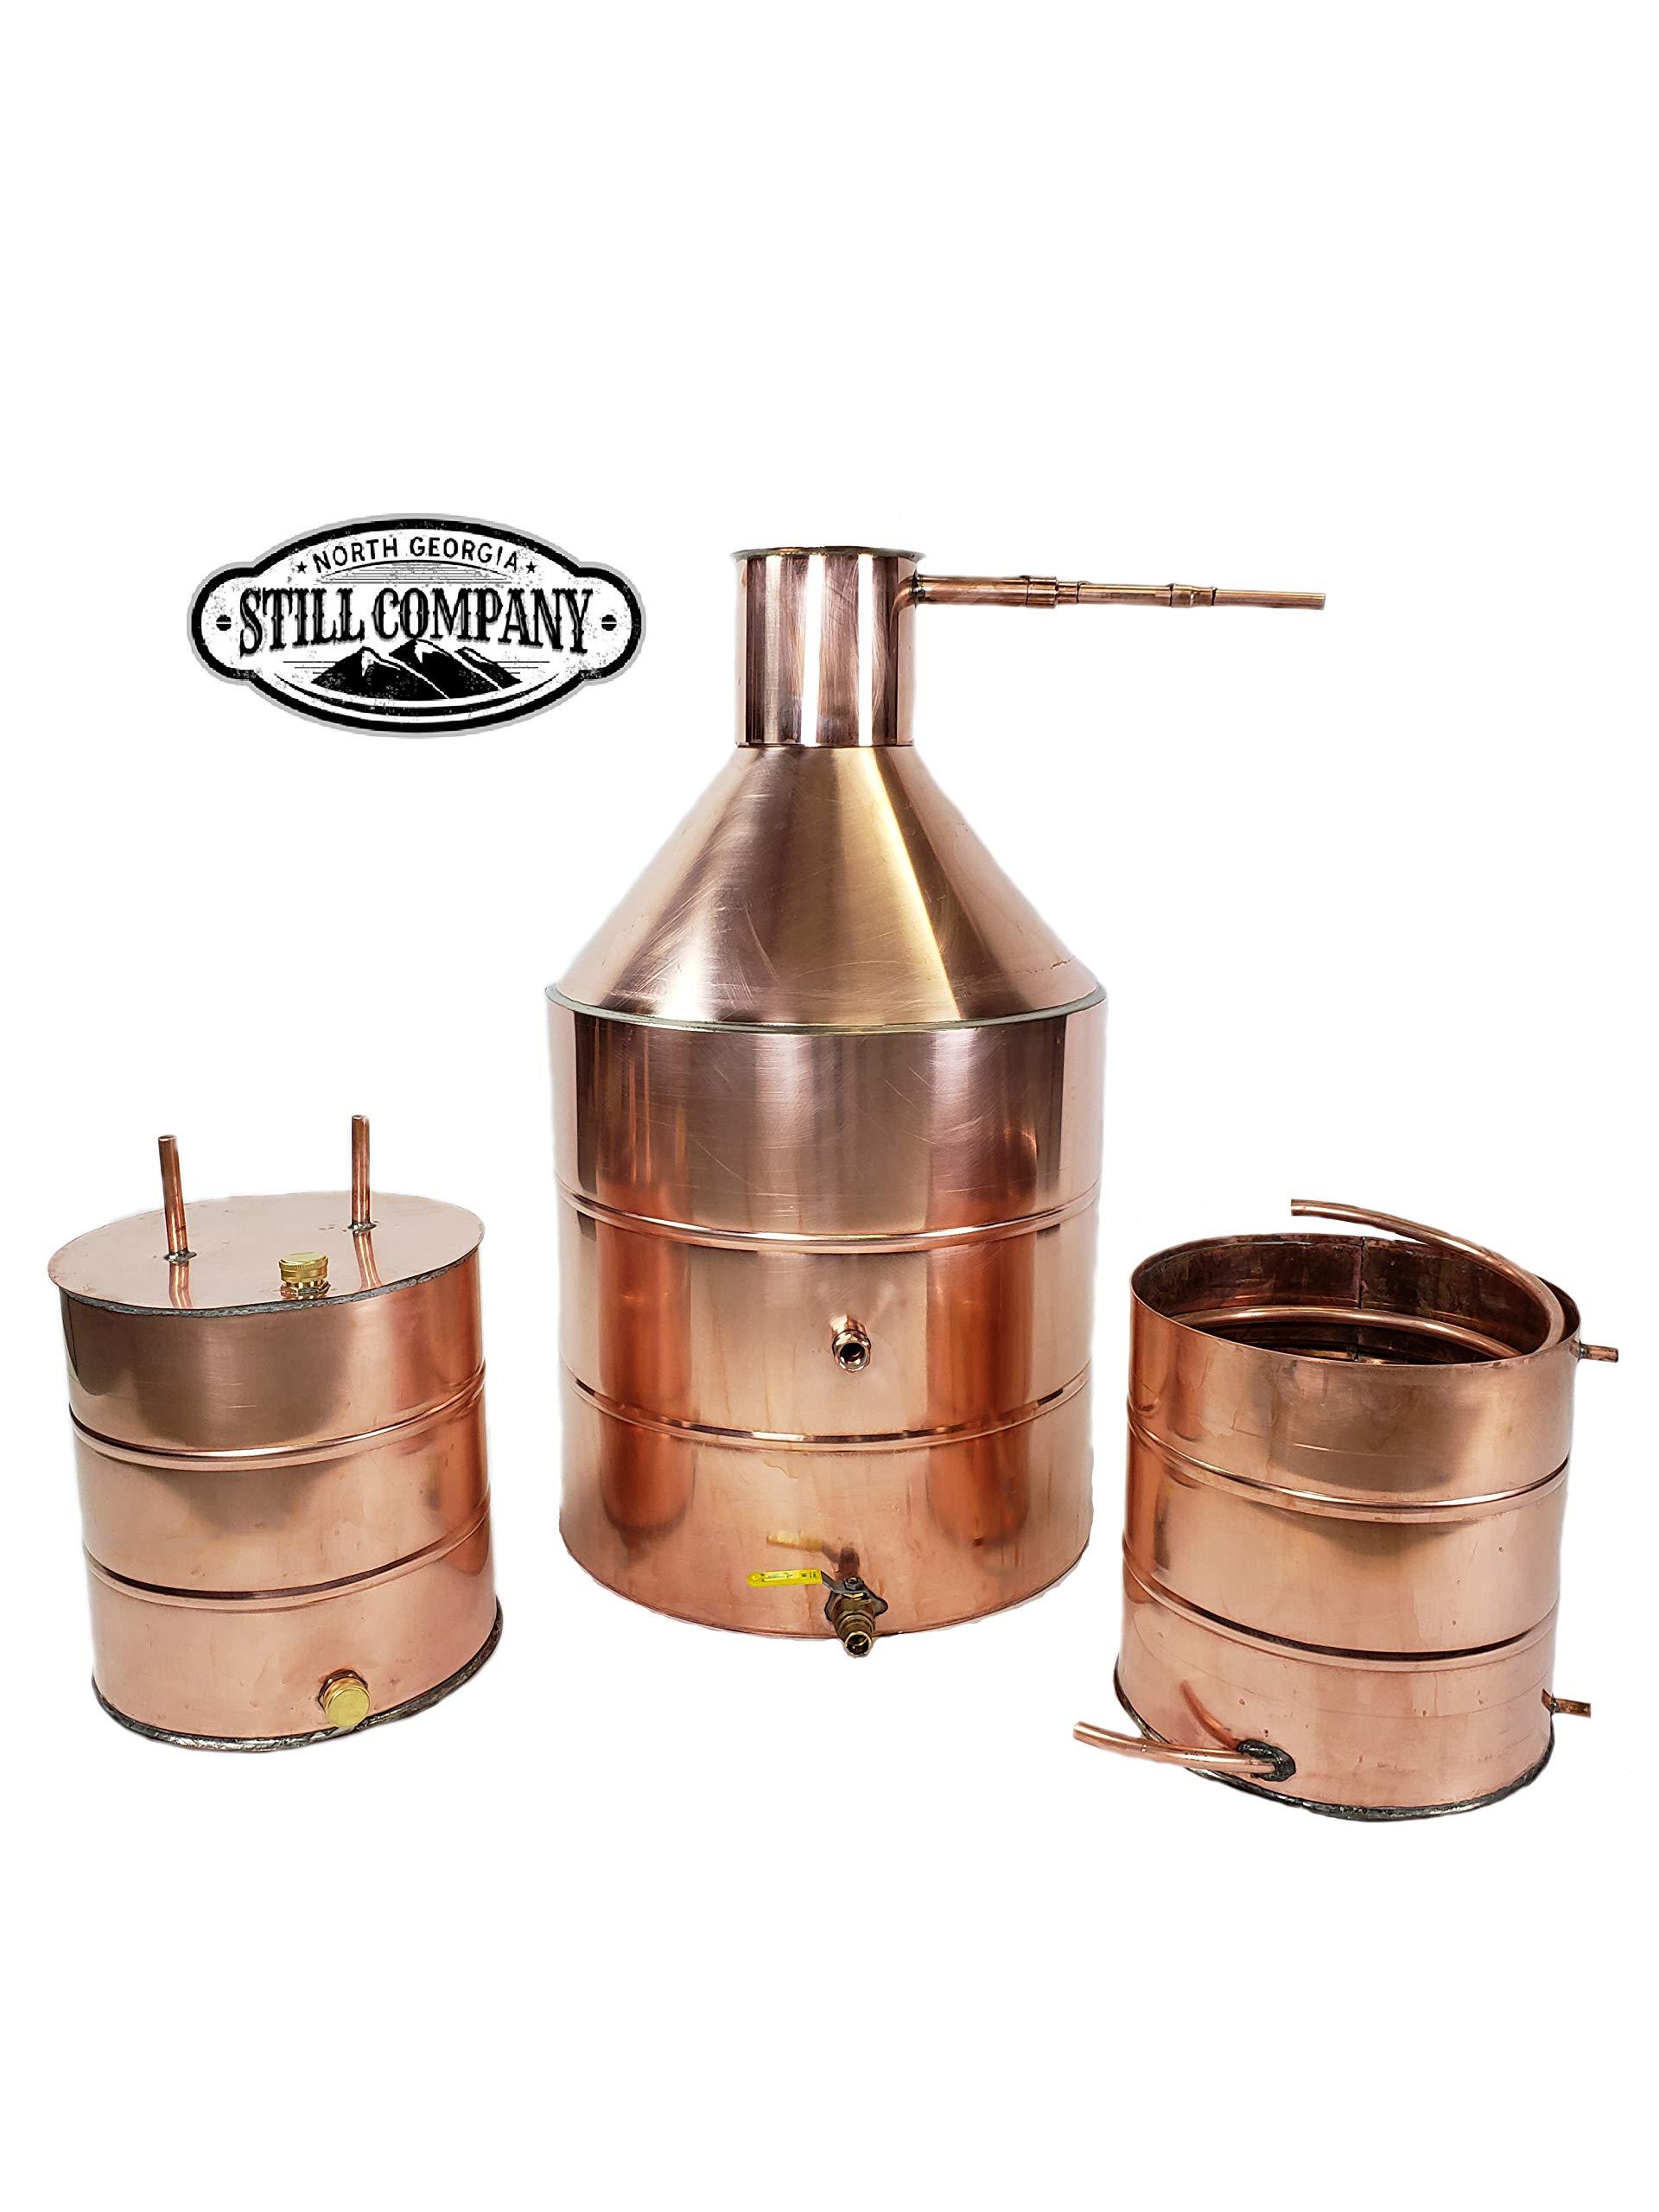 20 Gallon Copper Moonshine Whiskey & Brandy Still with Ball Valve Drain Port, 5 Gallon Worm, 5 Gallon Thumper, 1/2 OD Copper Tubing by North Georgia Still Company by North Georgia Still Company (Image #7)